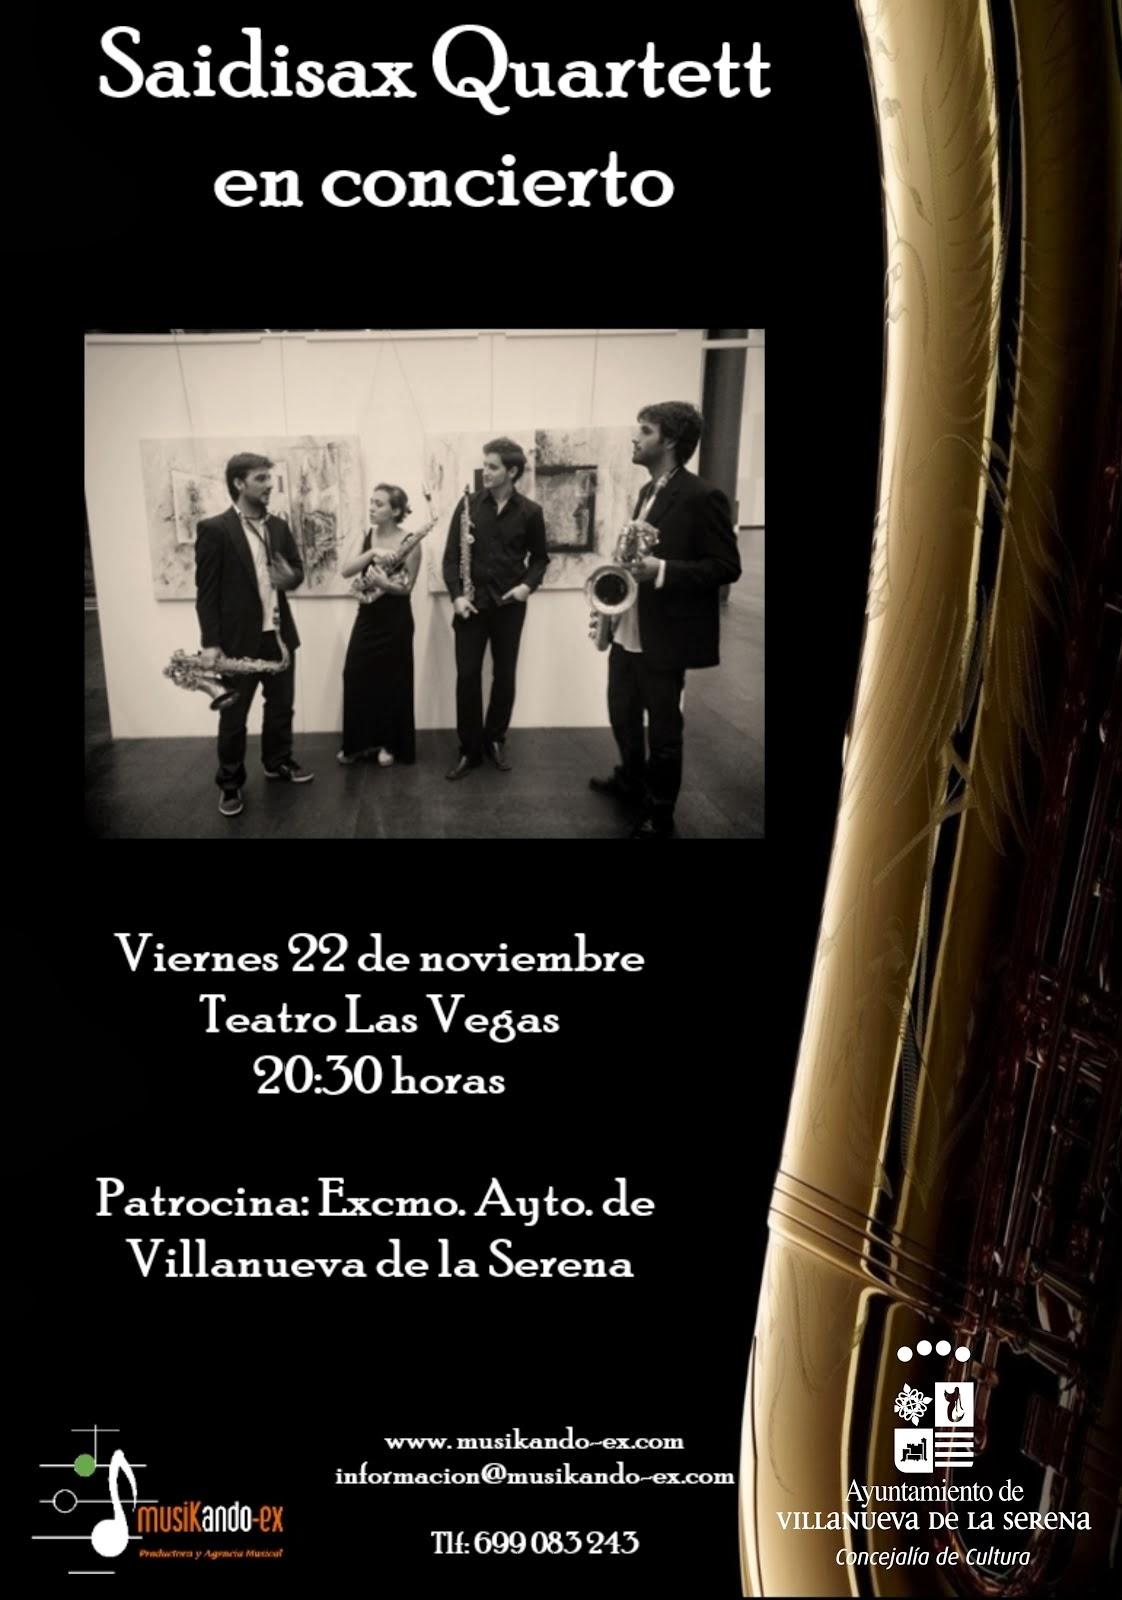 Concierto de Saidisax Quartett